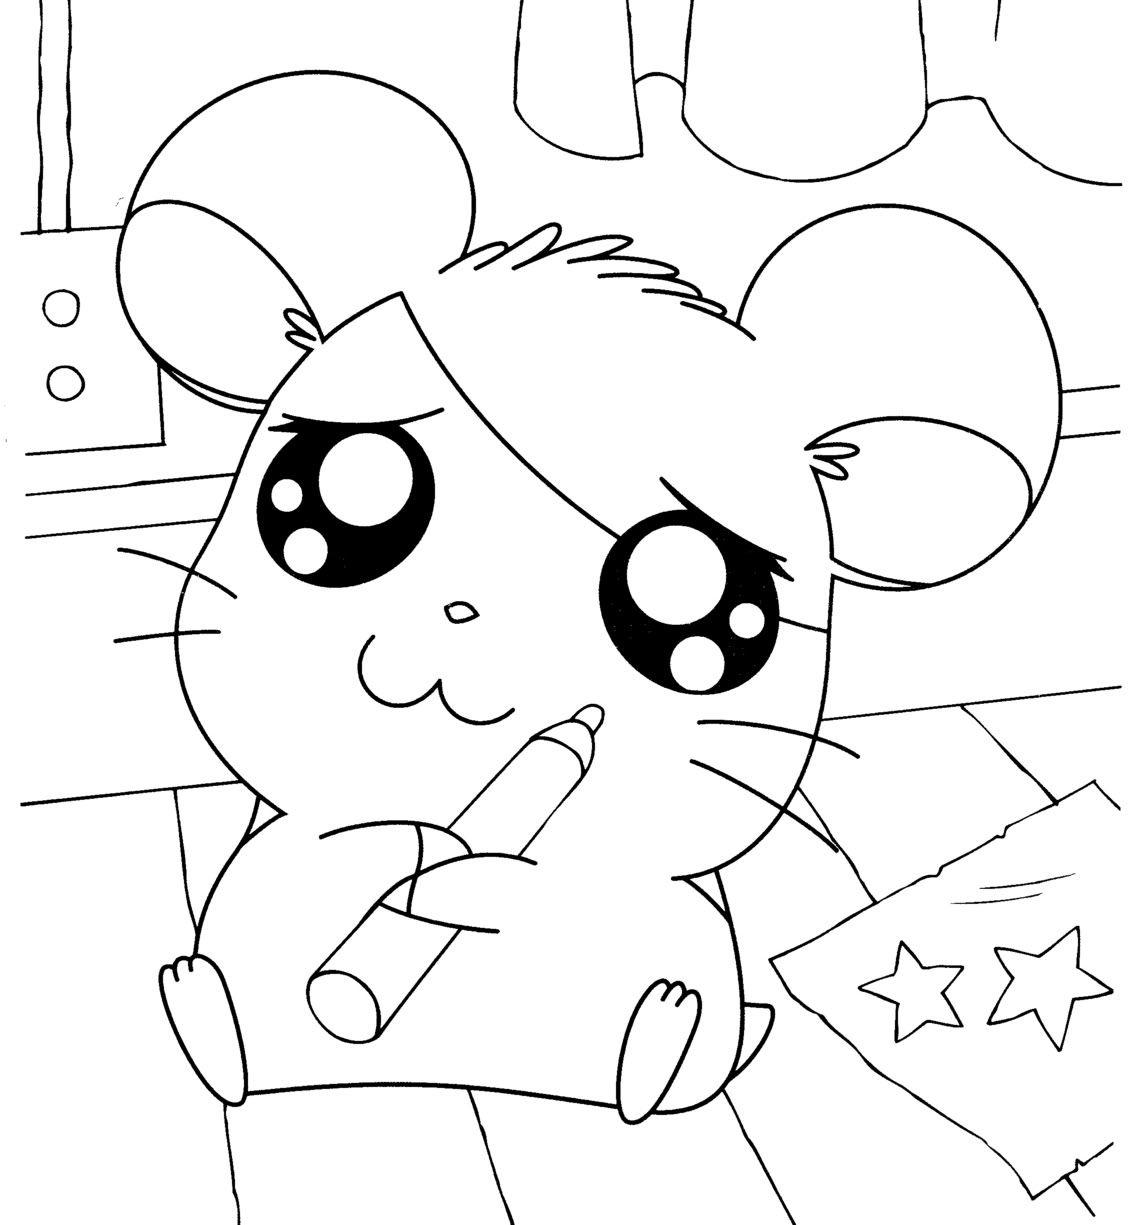 Resultado de imagen para pintar anime chibis | Proyectos que ...